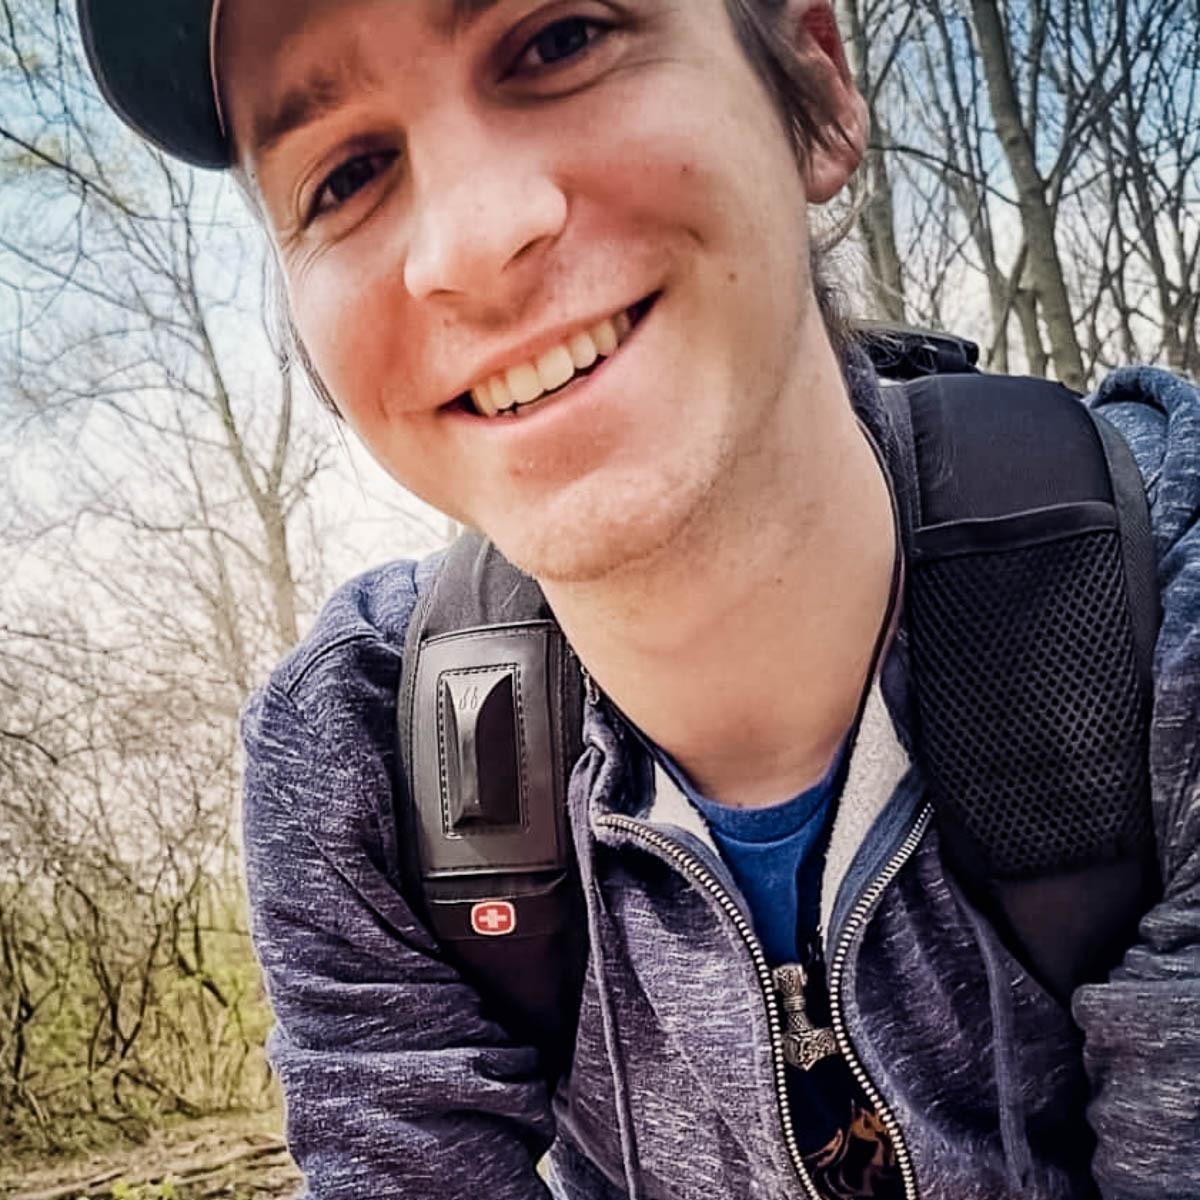 Christ Miller smiling